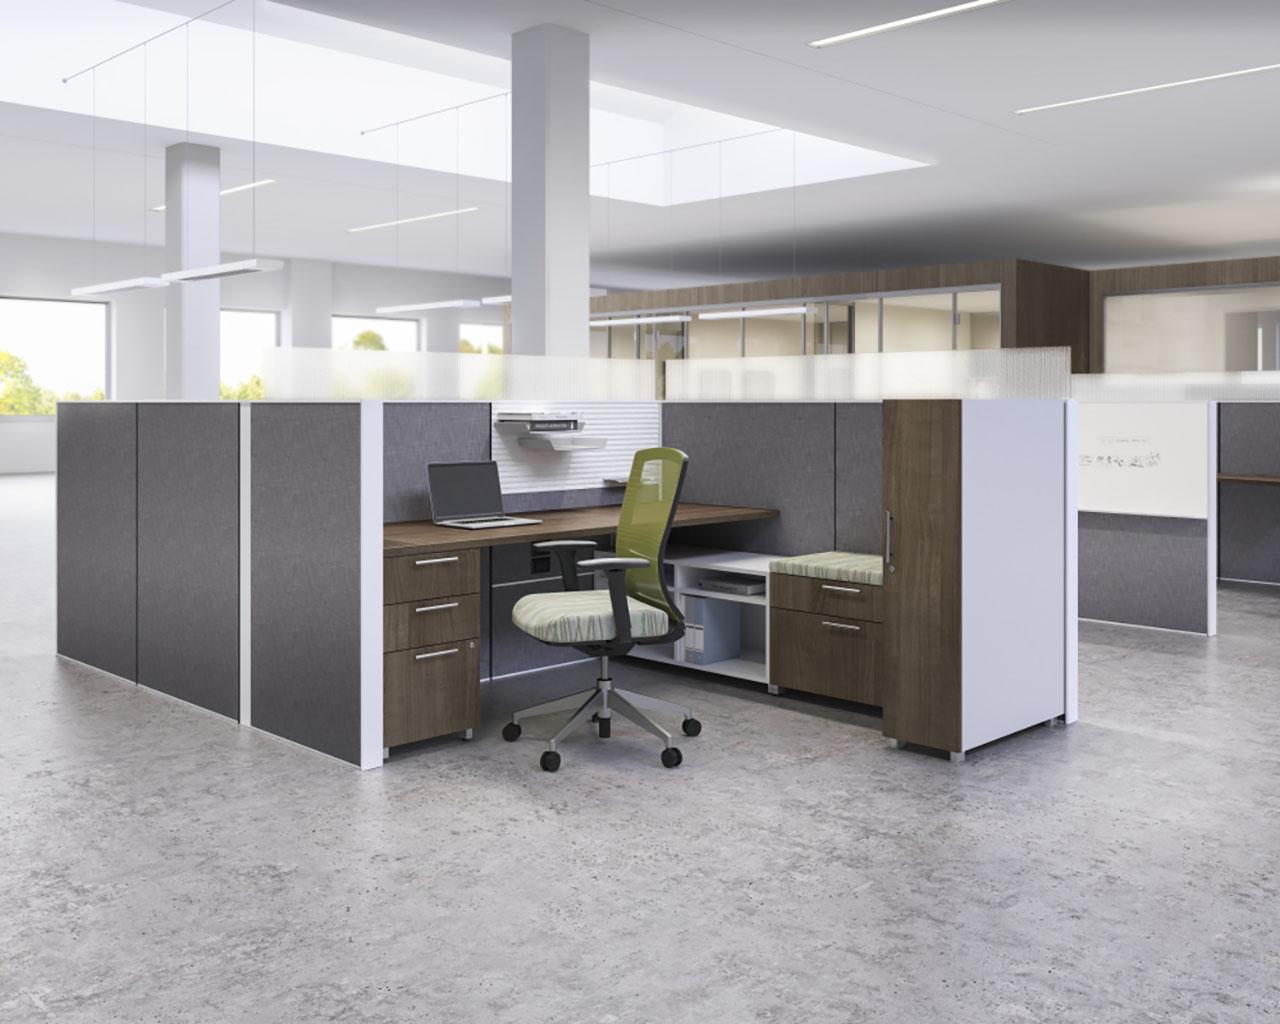 Matrix semi-private workspace